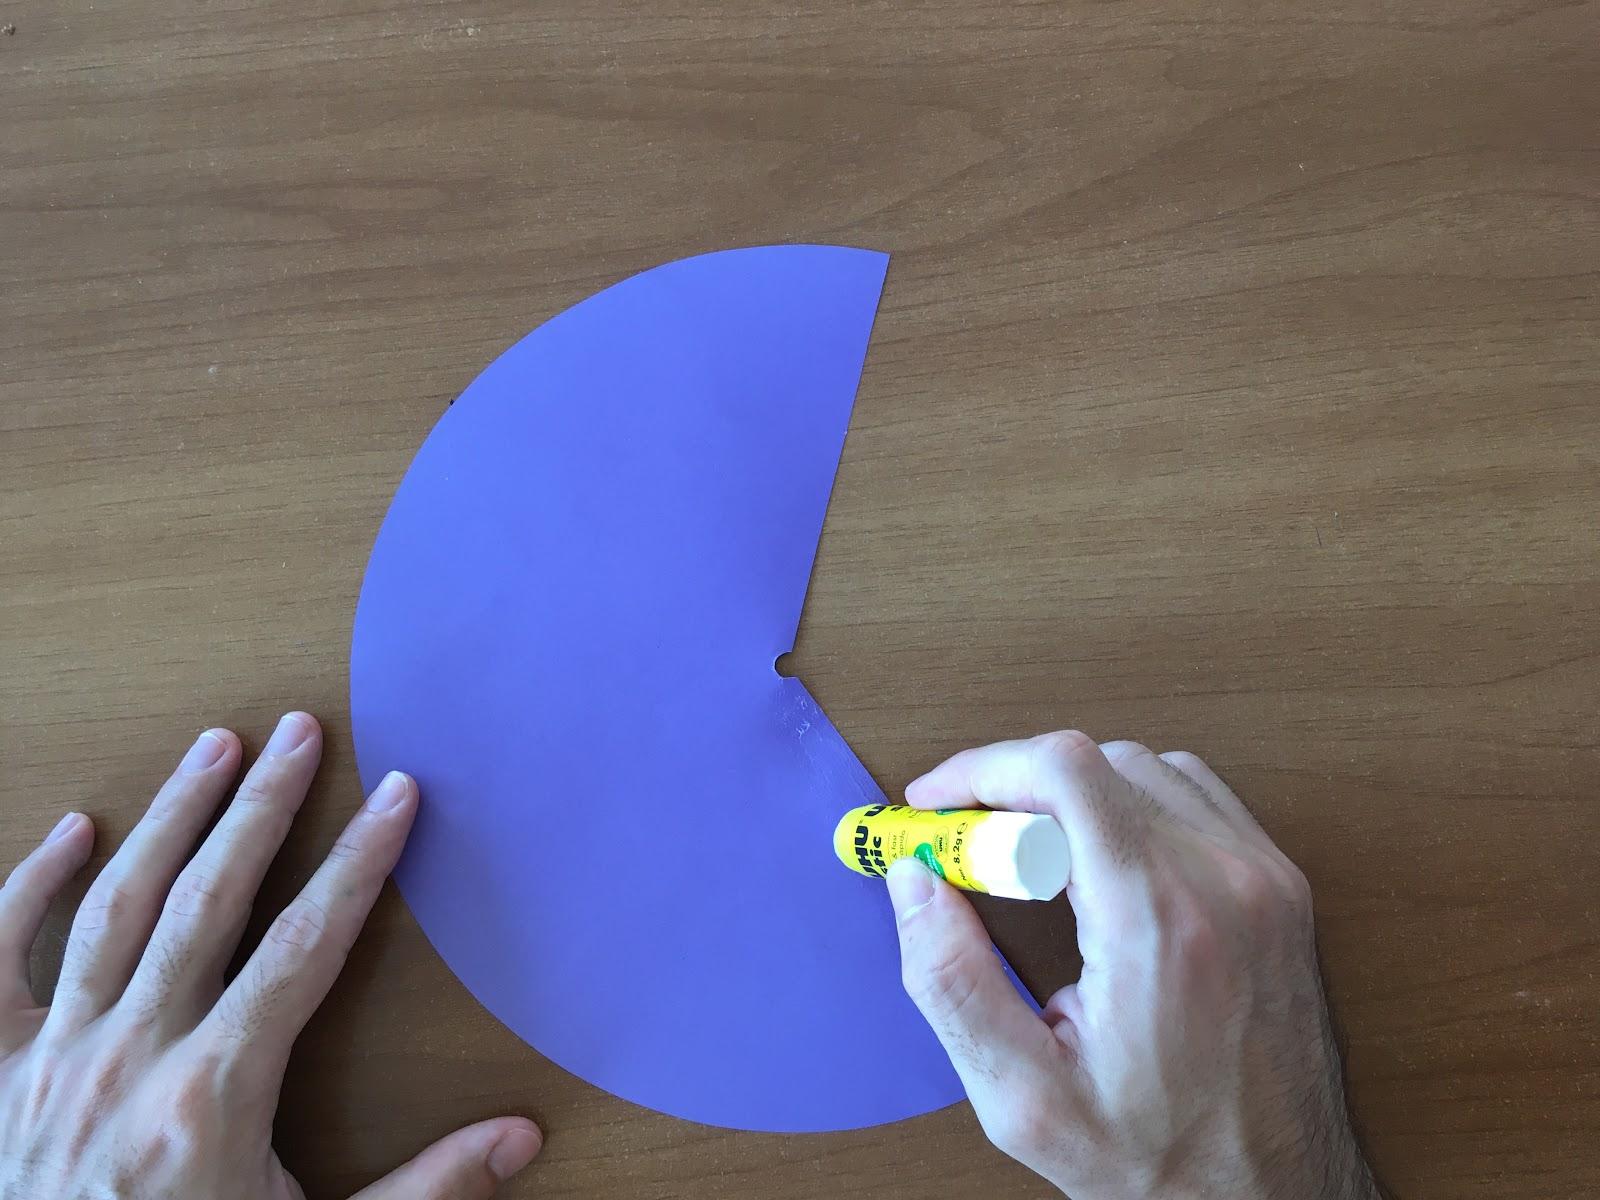 Se muestra la zona en la que se hará el primer pegado para formar el cono.